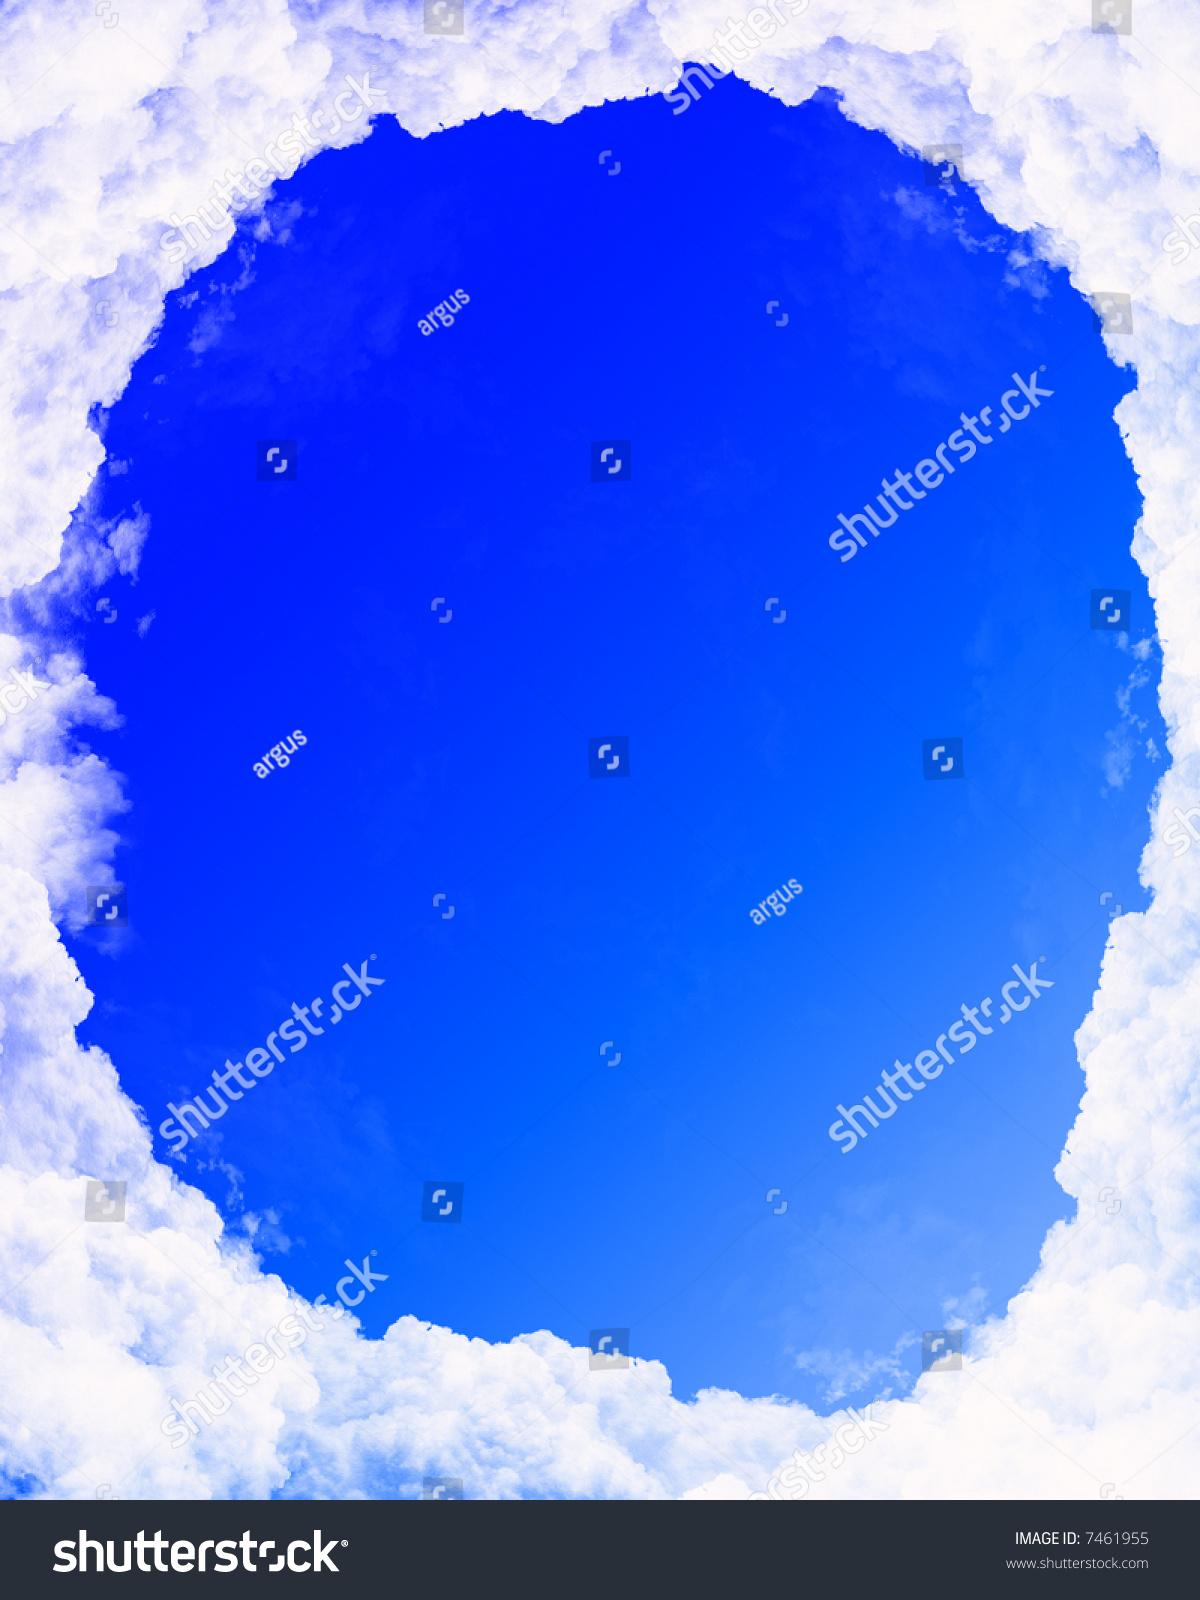 Cloud Frame Stock Illustration 7461955 - Shutterstock